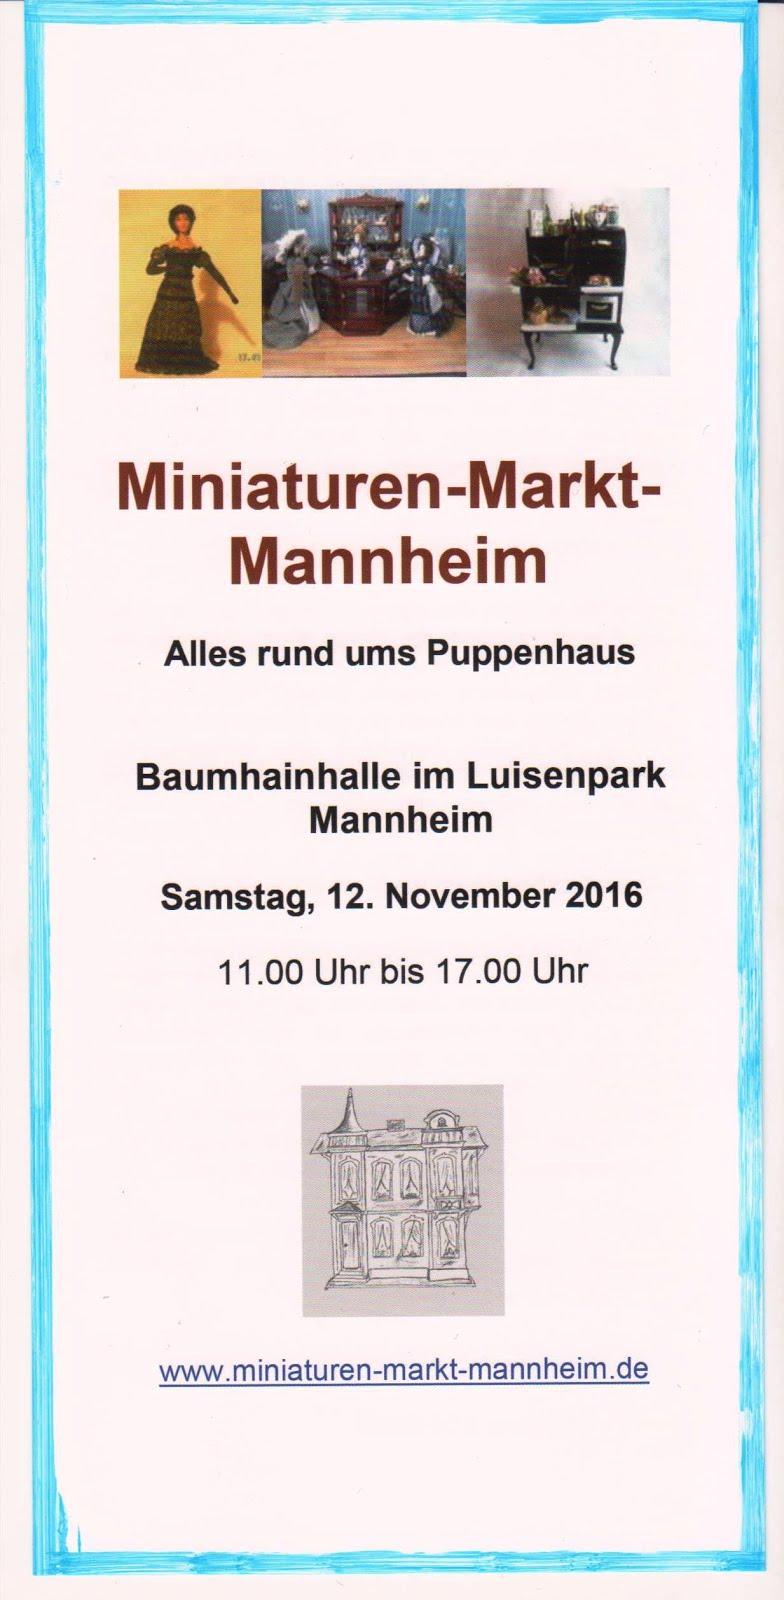 Miniaturen-Markt-Mannheim 2016